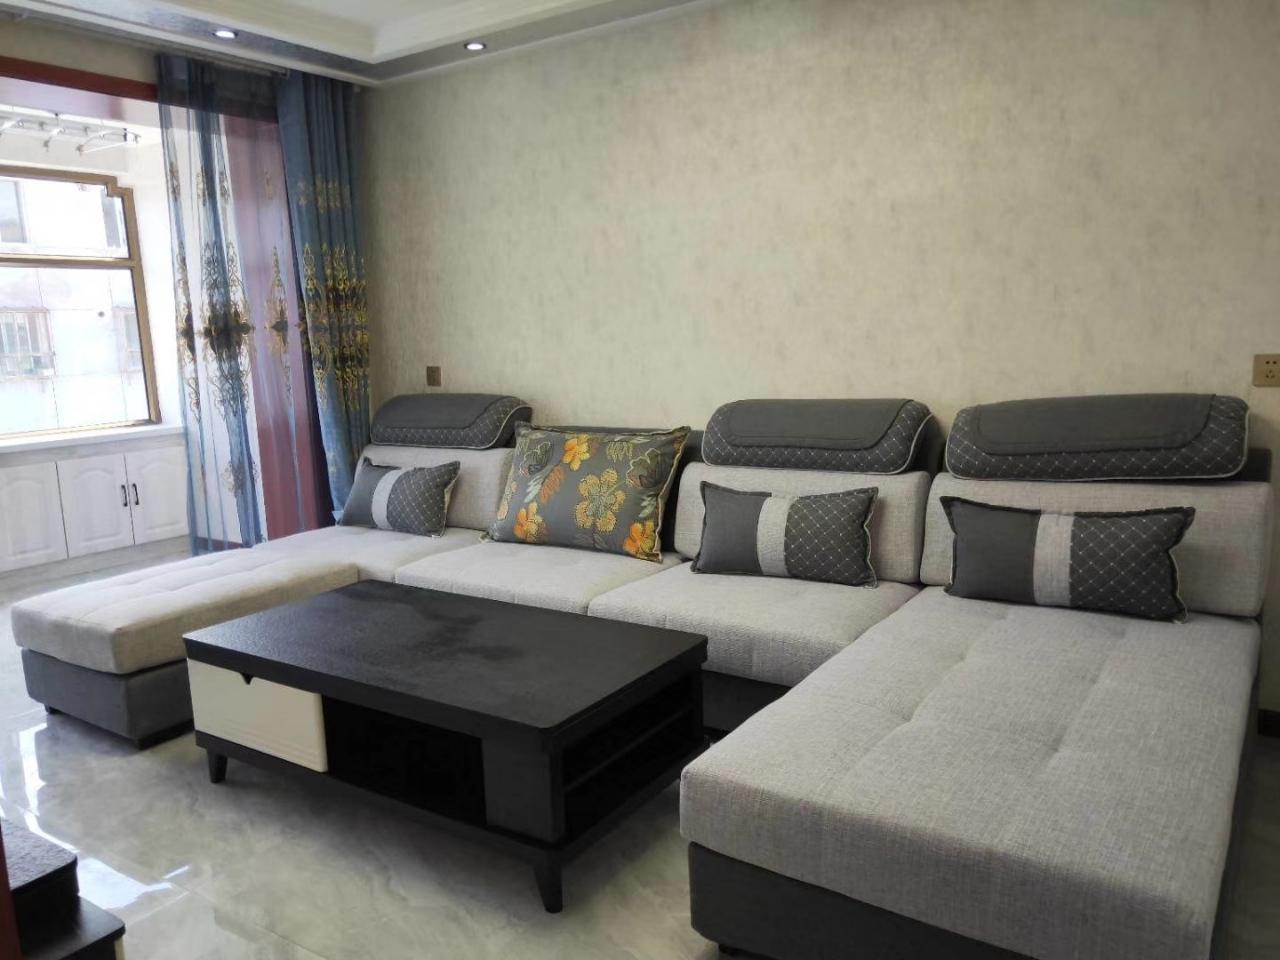 彩虹桥附近精装地暖房按揭急售2室 2厅 1卫38.8万元